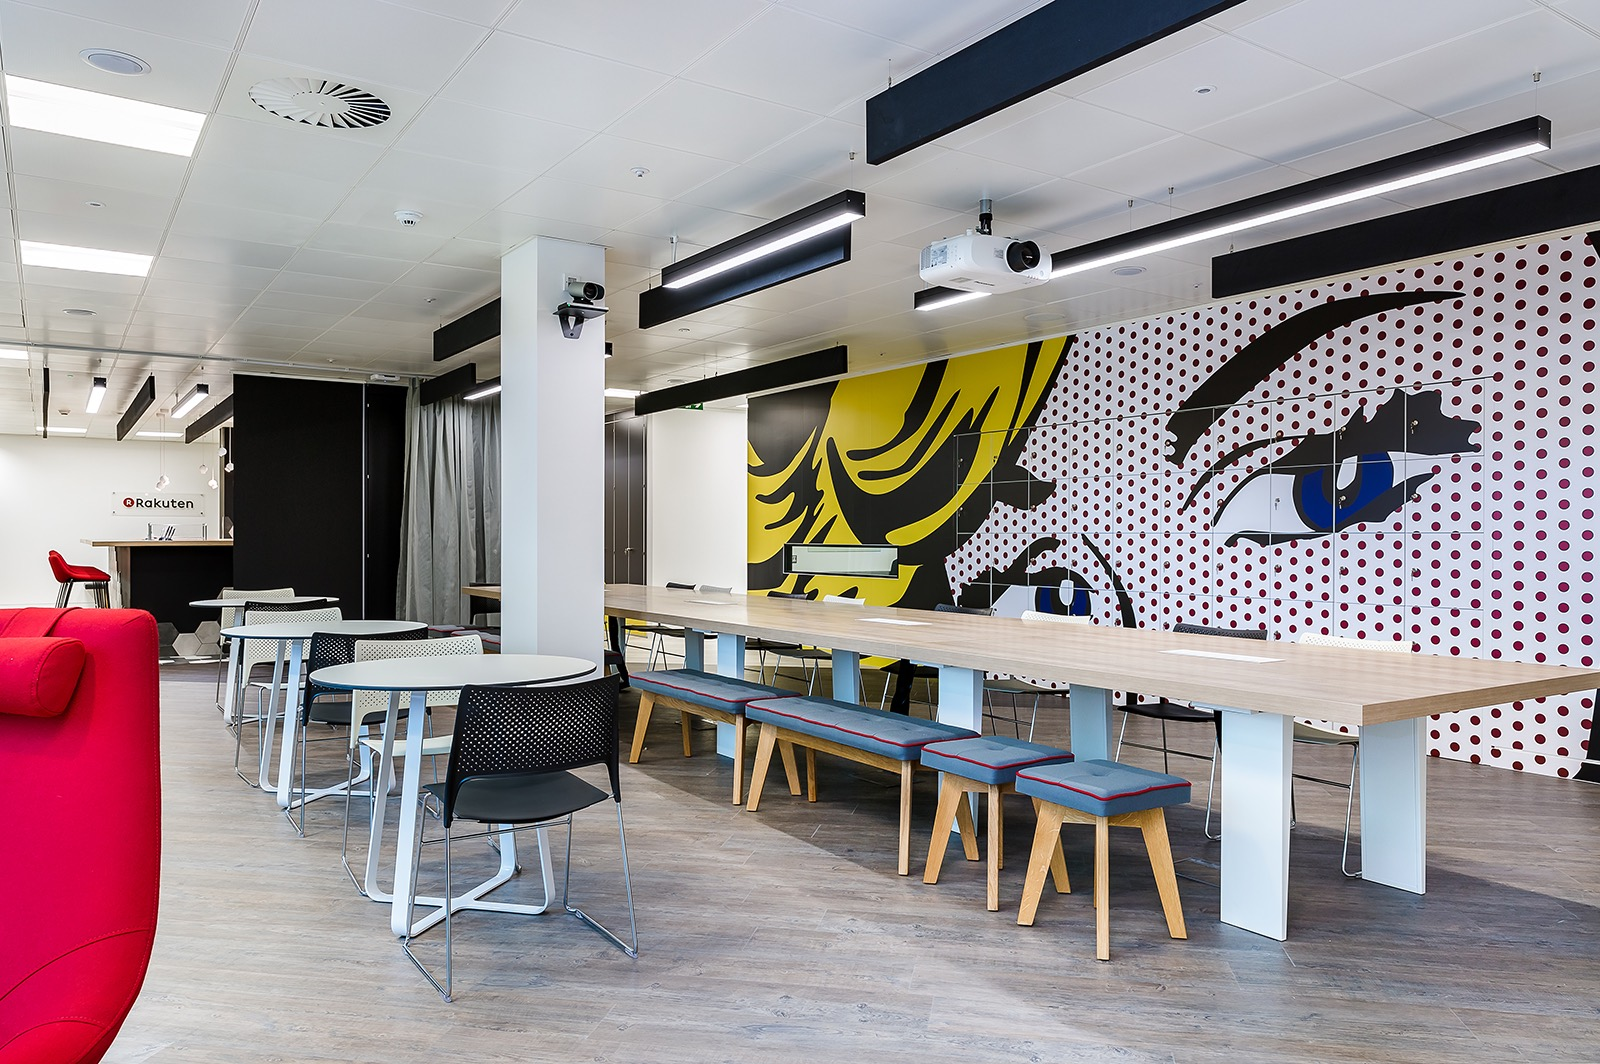 rakuten-office-london-4